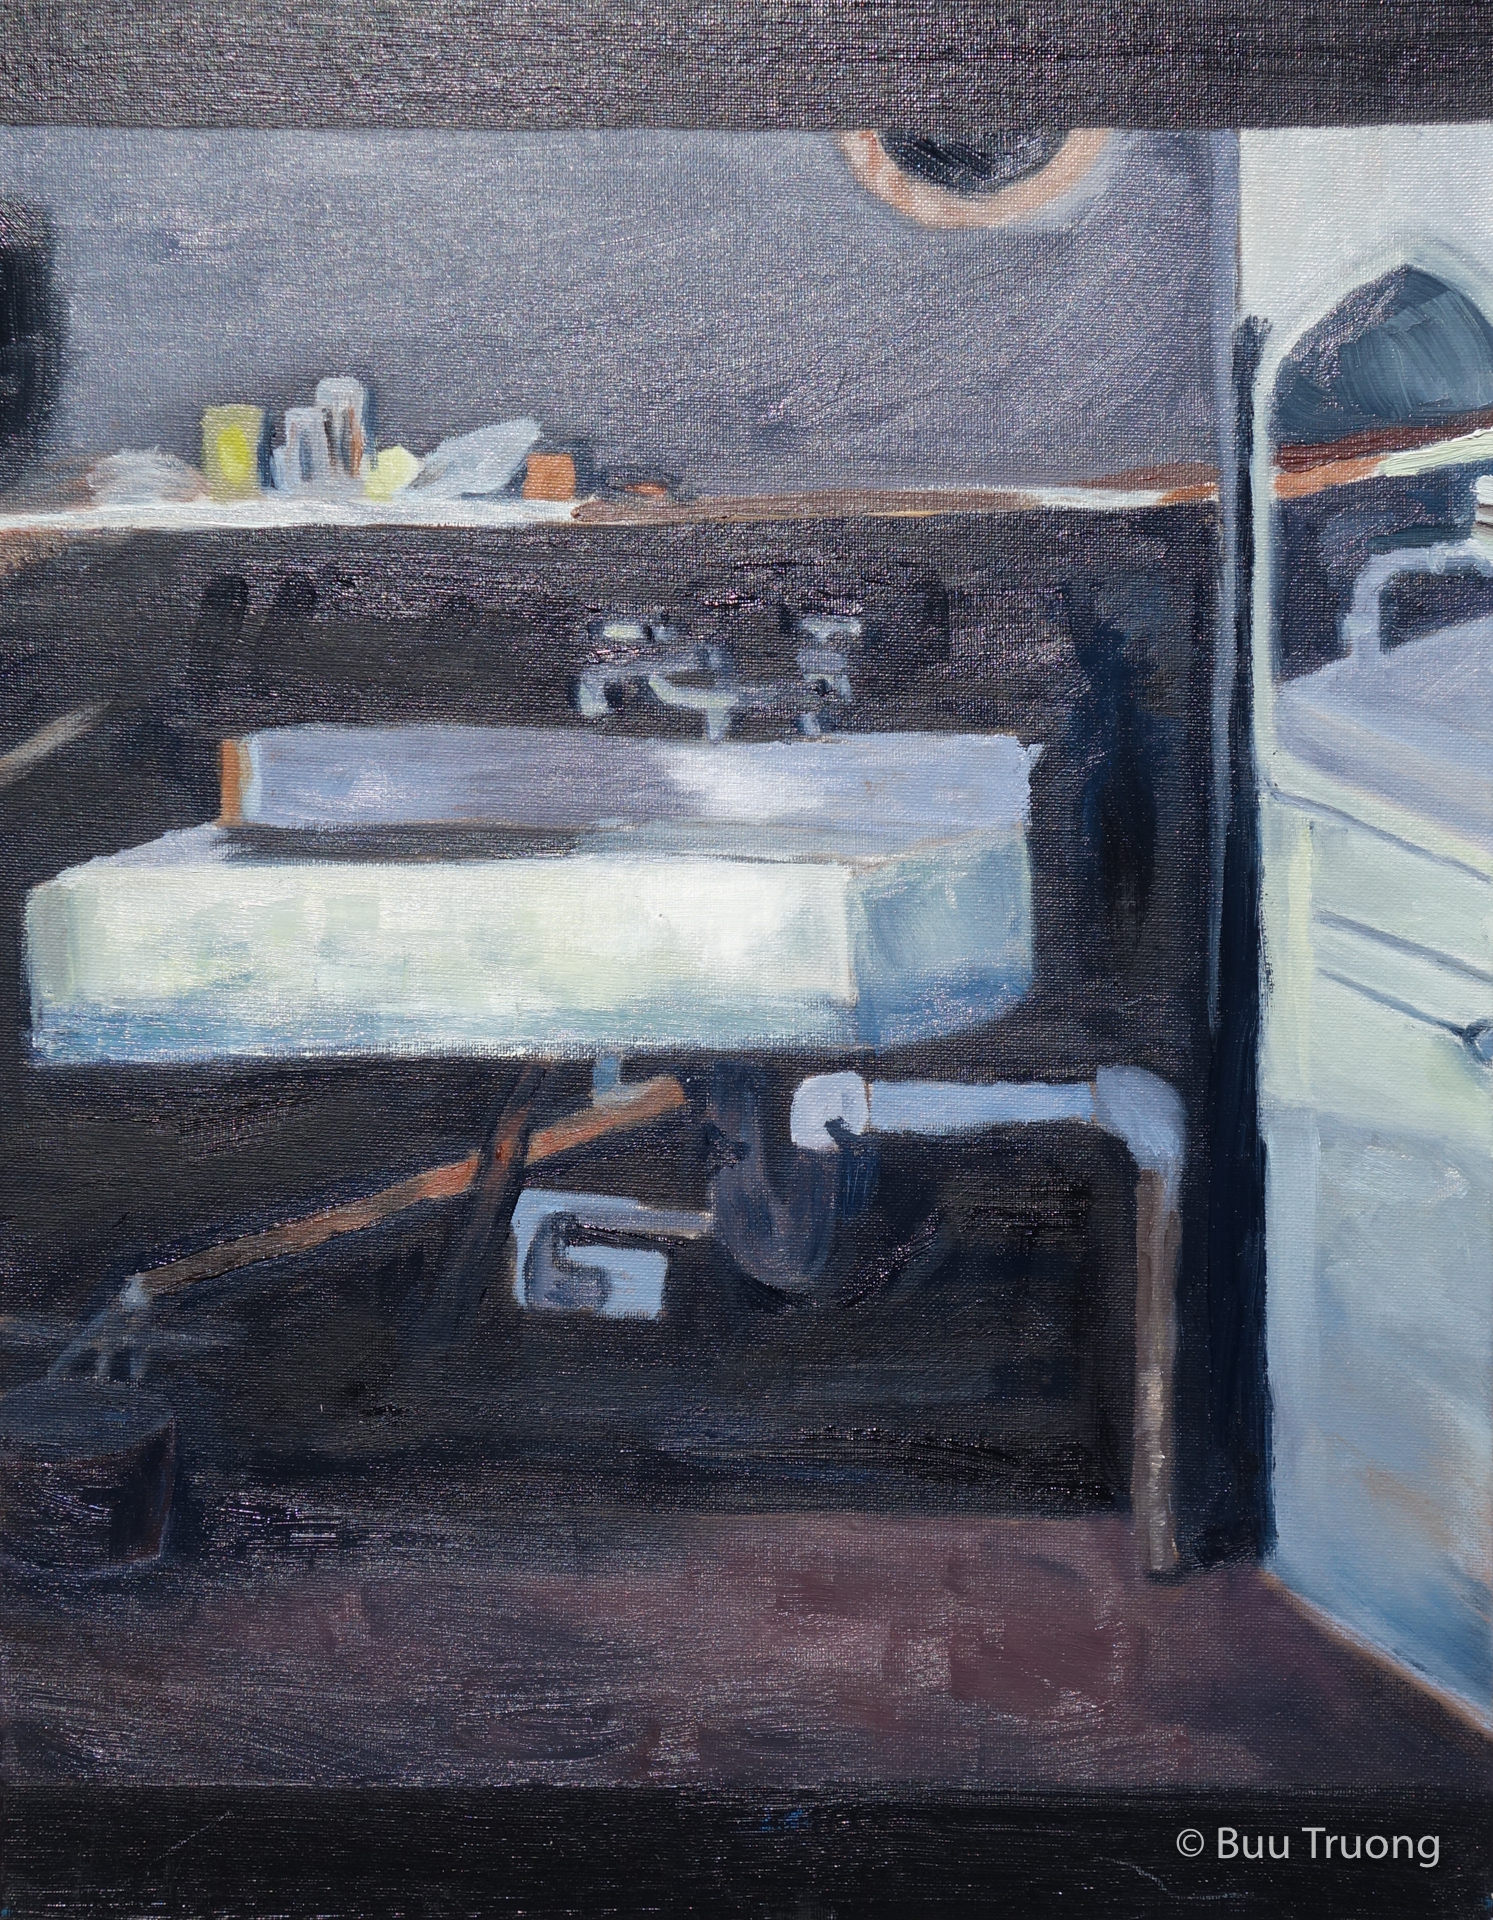 """Study of Diebenkorn's """"Corner of a Studio Sink"""""""